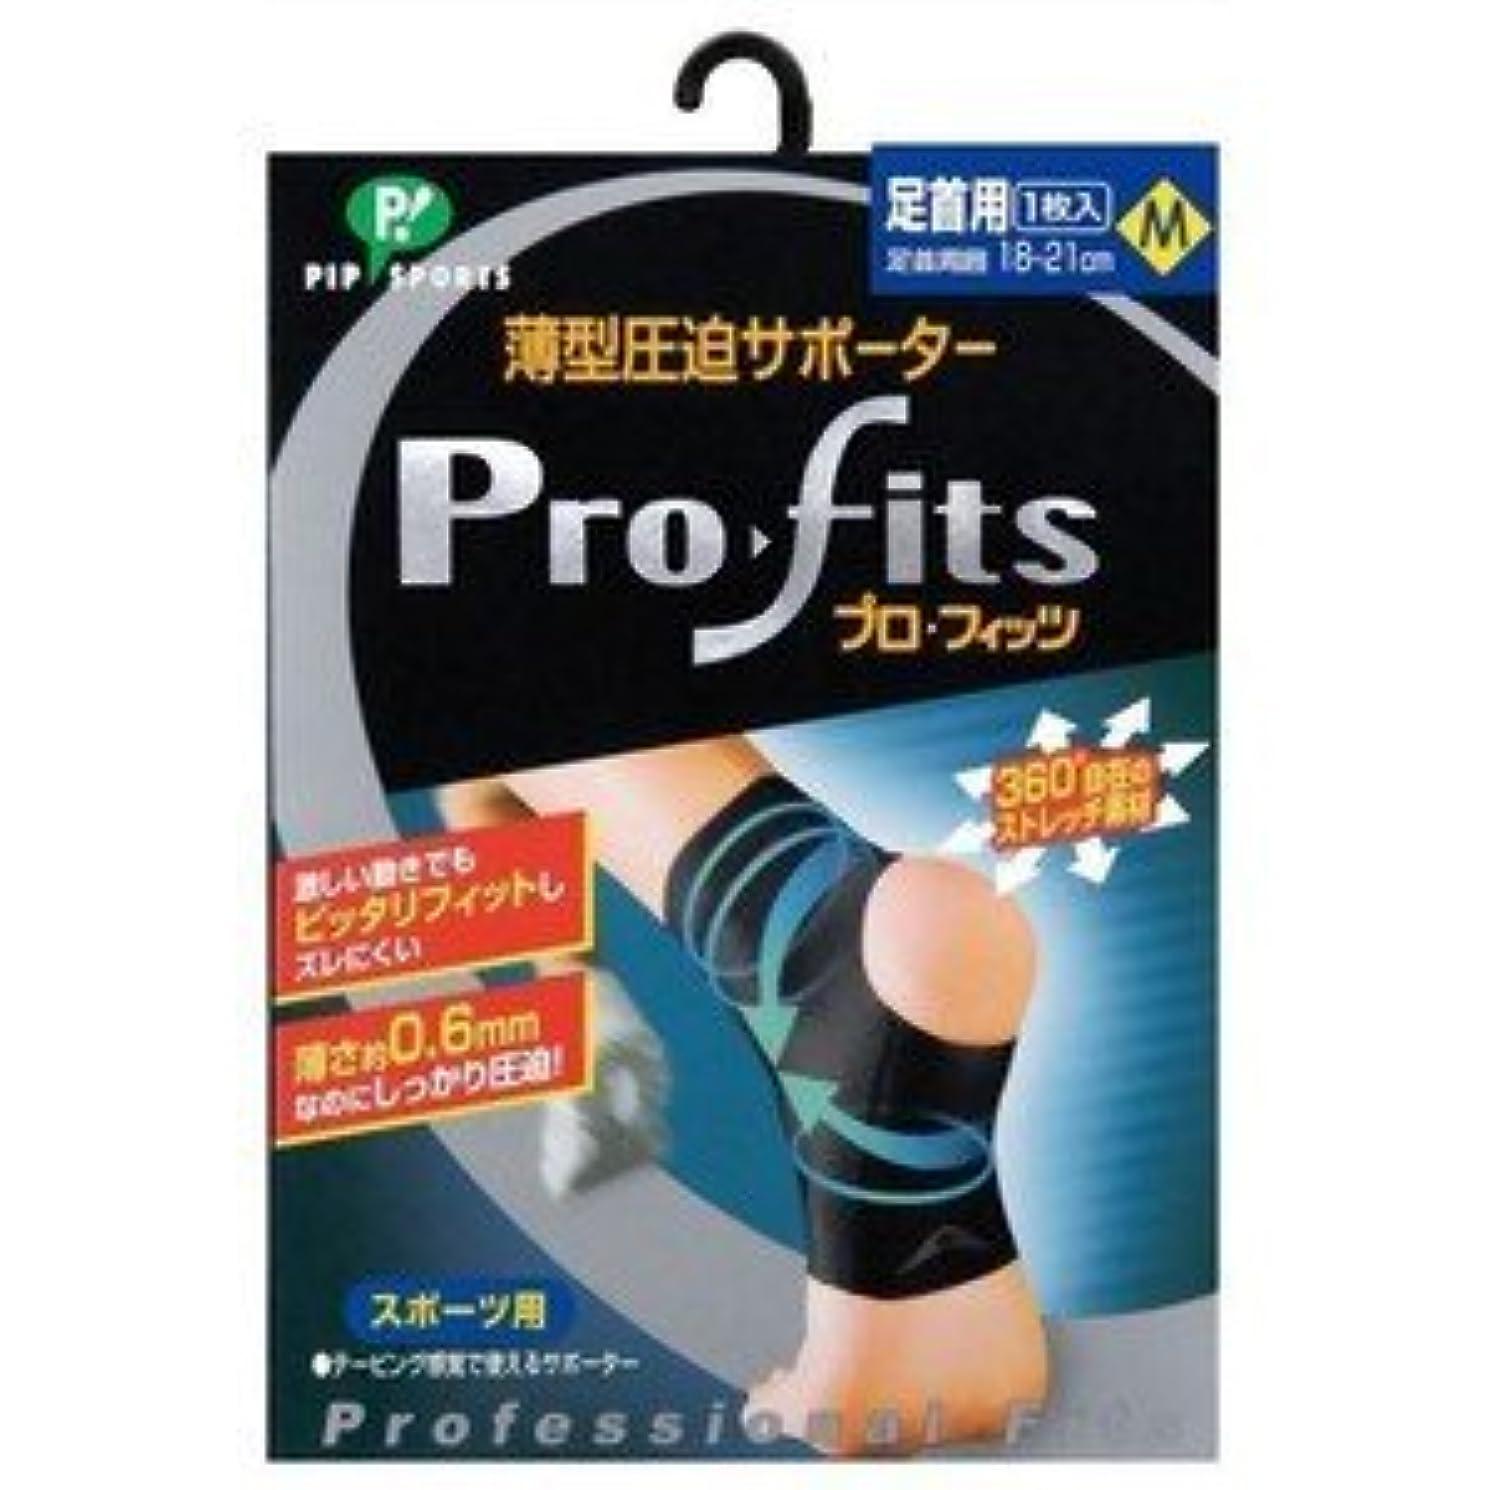 カルシウムポインタブルーベル【ピップ】プロフィッツ 薄型圧迫サポーター 足首用 Mサイズ 1枚入